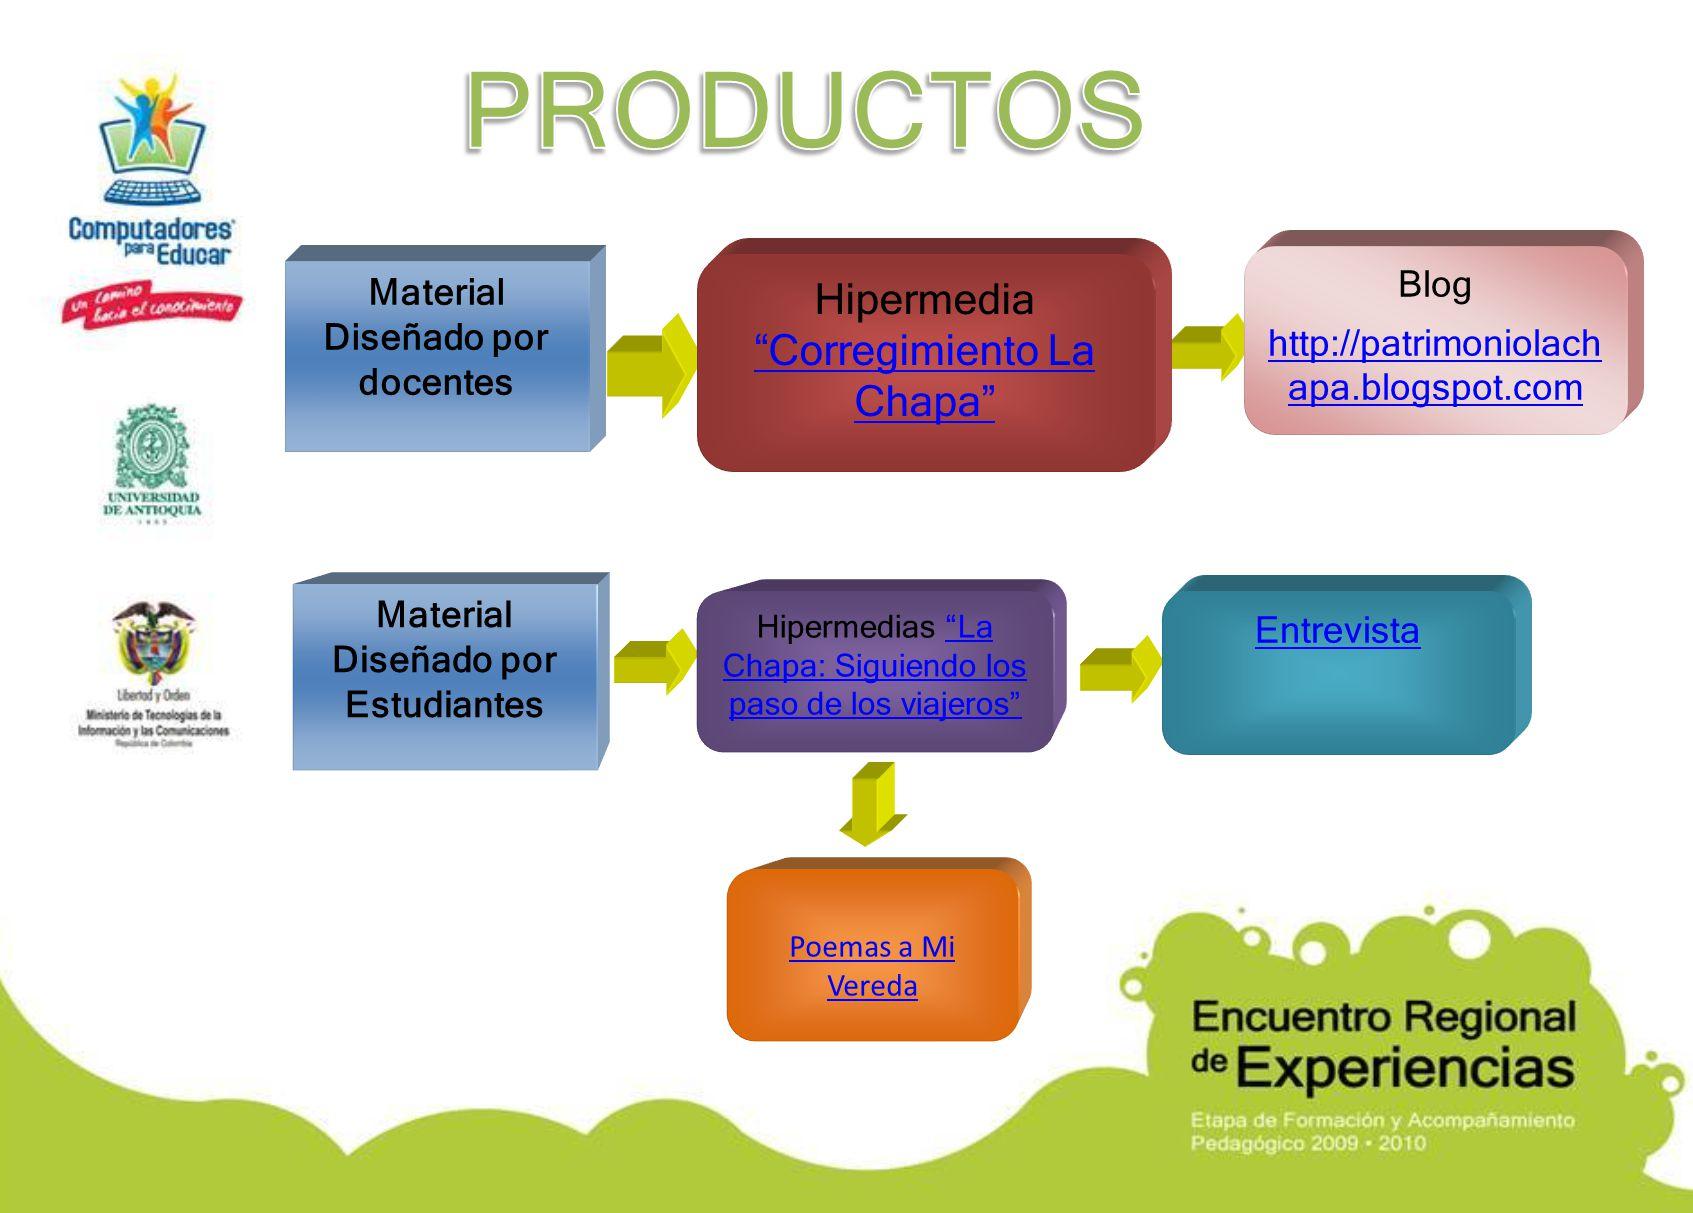 Material Diseñado por docentes Material Diseñado por Estudiantes Hipermedia Corregimiento La Chapa Corregimiento La Chapa Hipermedias La Chapa: Siguie